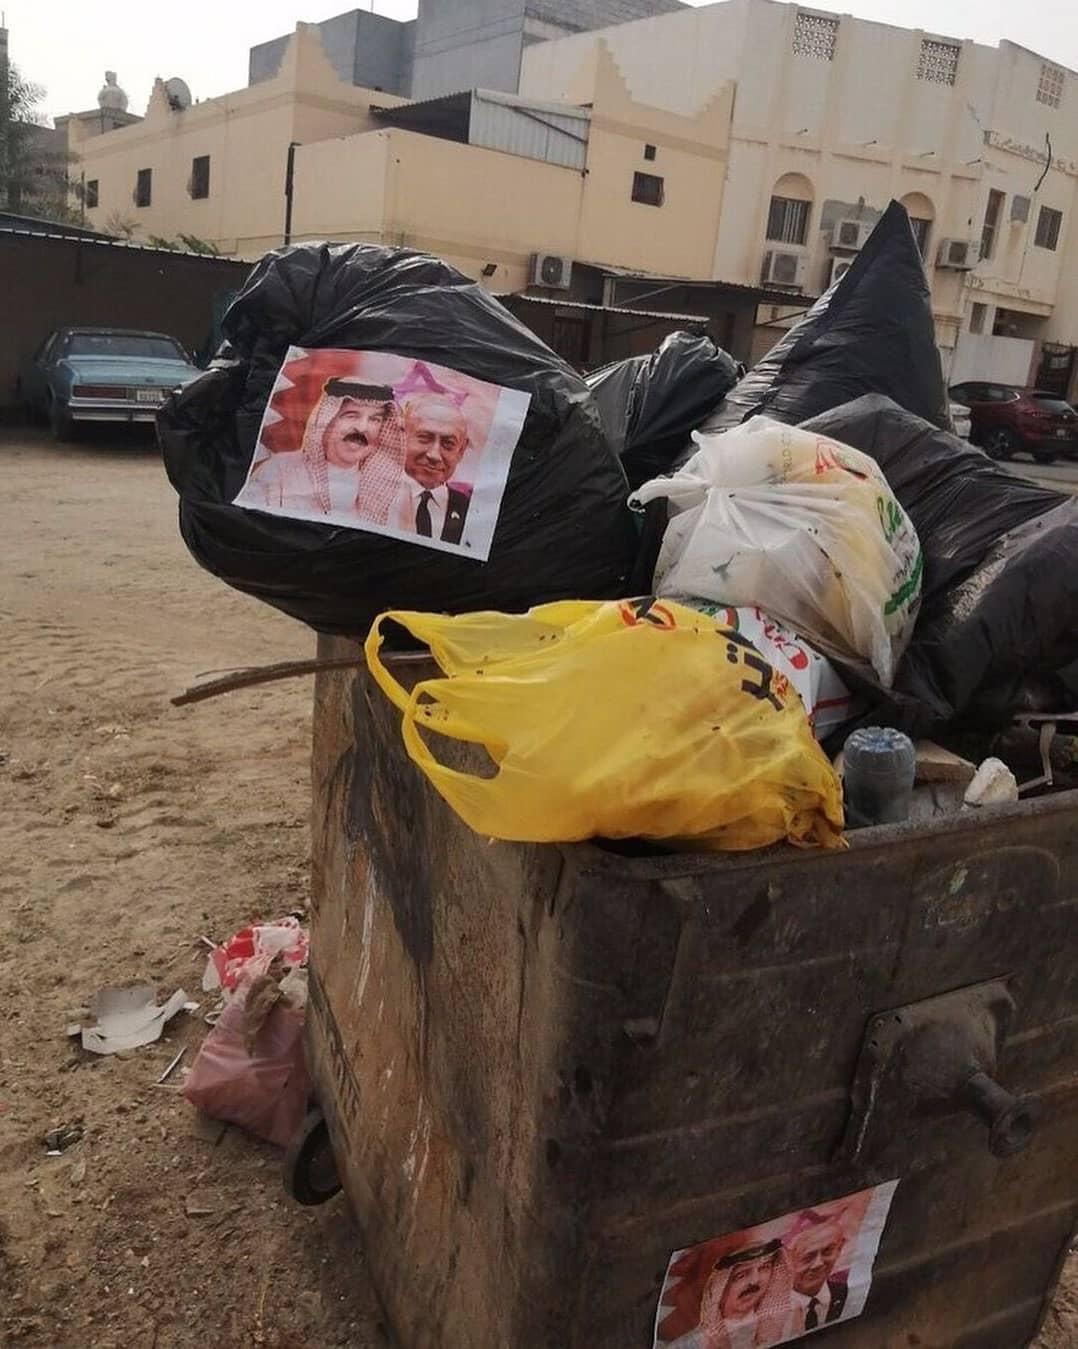 صور الطغاة والمطبّعين على حاويات القمامة غرب المنامة